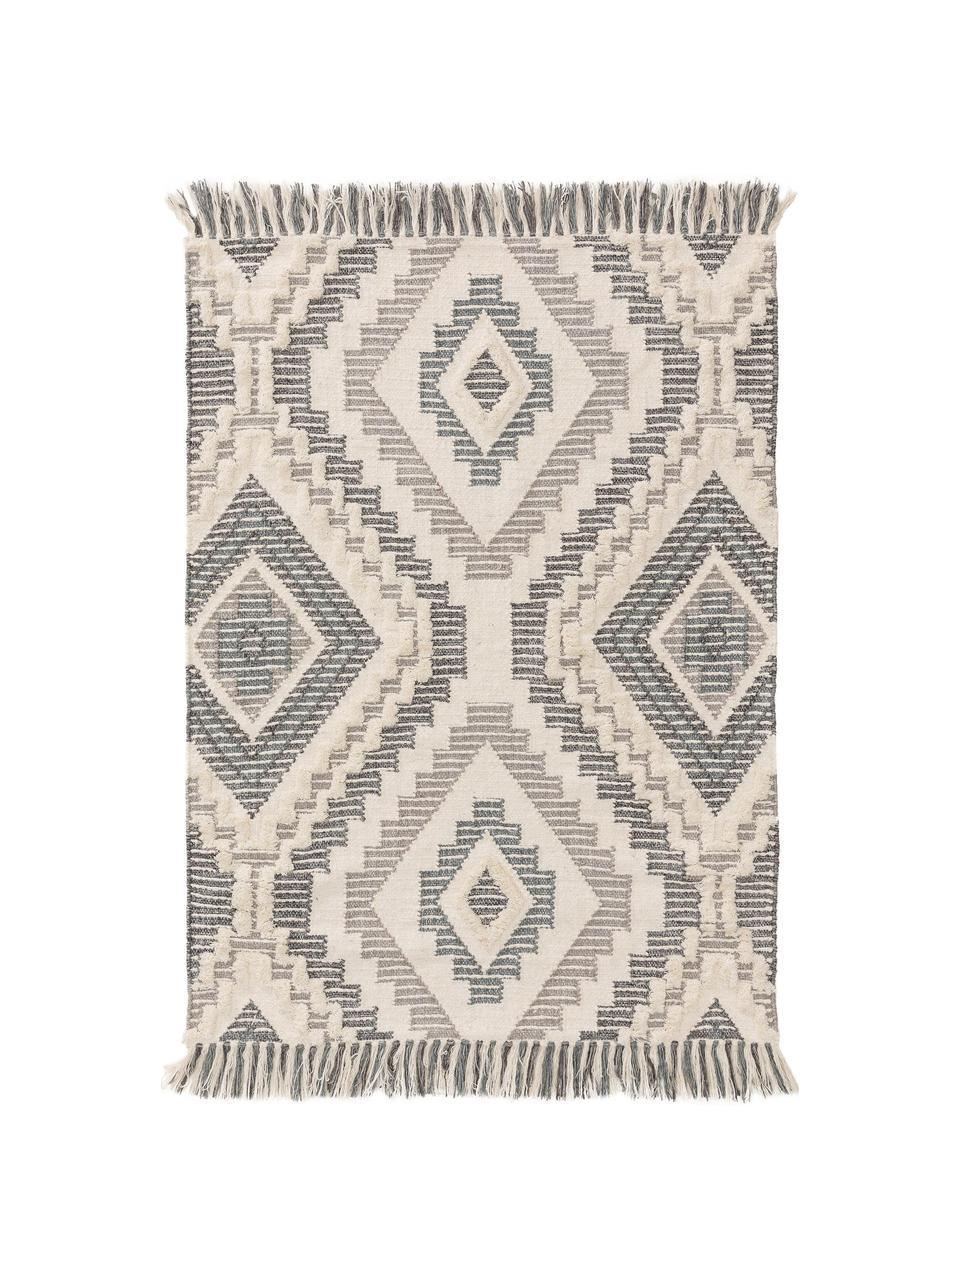 Dywan w stylu boho z wełny z frędzlami Wanda, 70% wełna, 30% akryl Włókna dywanów wełnianych mogą nieznacznie rozluźniać się w pierwszych tygodniach użytkowania, co ustępuje po pewnym czasie, Ciemny szary, szary, kremowy, S 160 x D 230 cm (Rozmiar M)